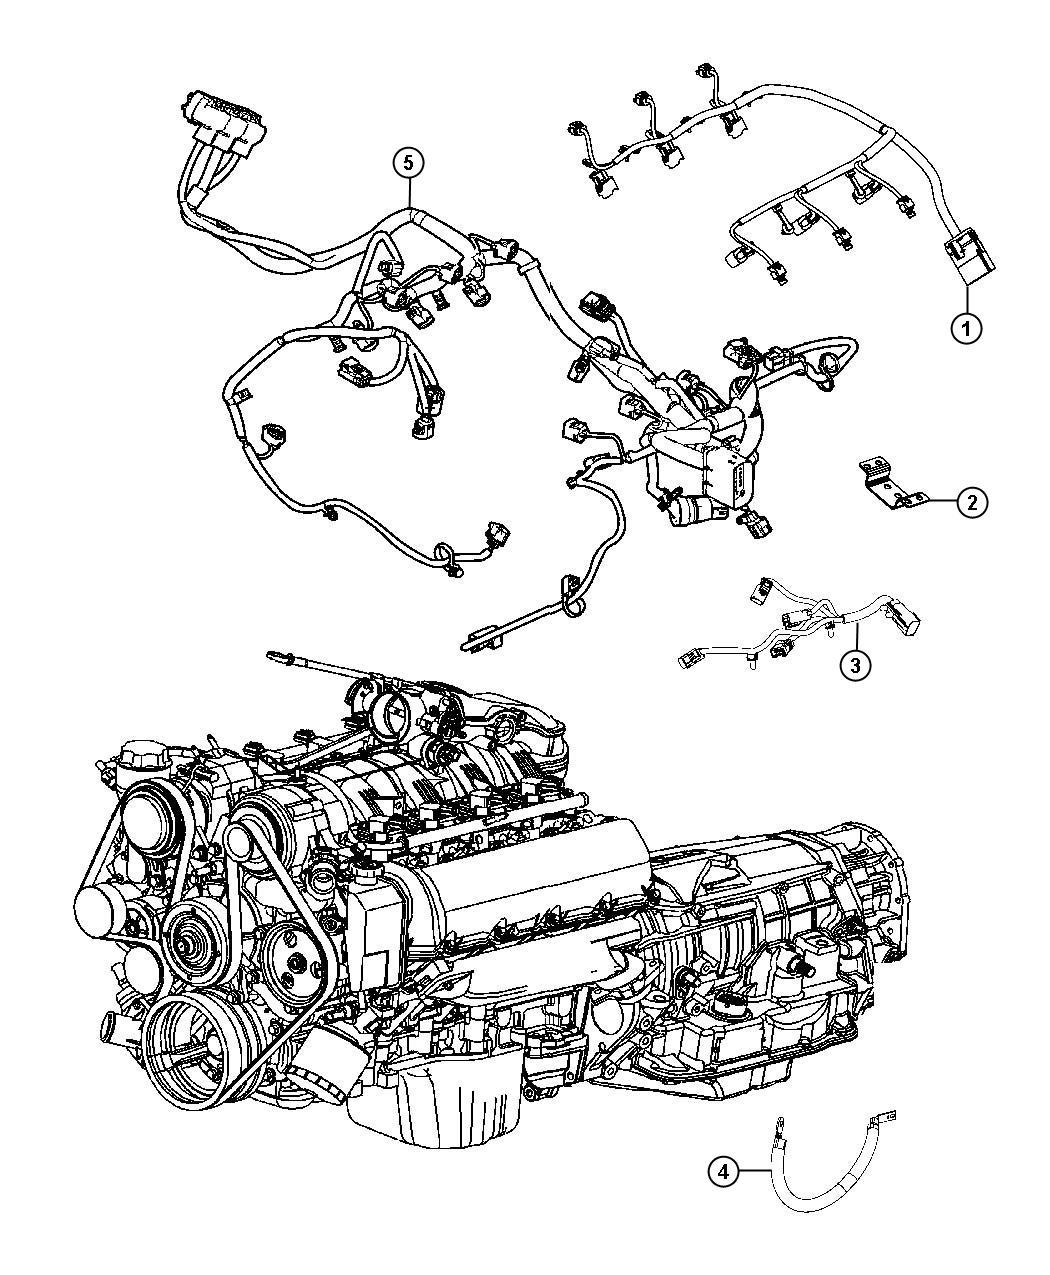 Dodge Durango Wiring. Engine. Gas, powertrain, mopar